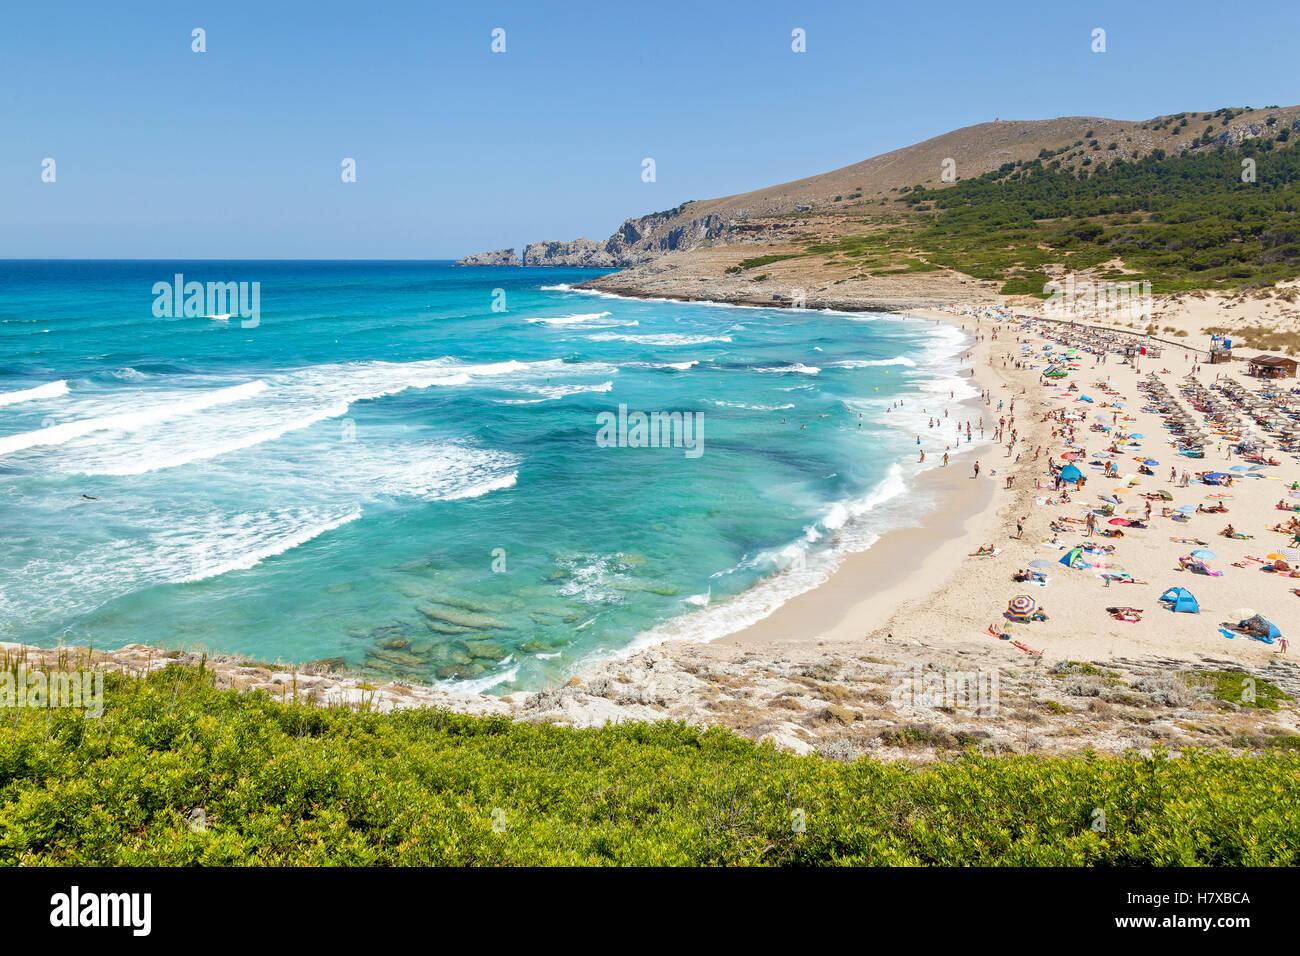 Azurblaue Küste Mallorcas mit bevölkert Strand, spannend, wolkenlosen Himmel, Berge, Meer und ein Aufstand Stockbild